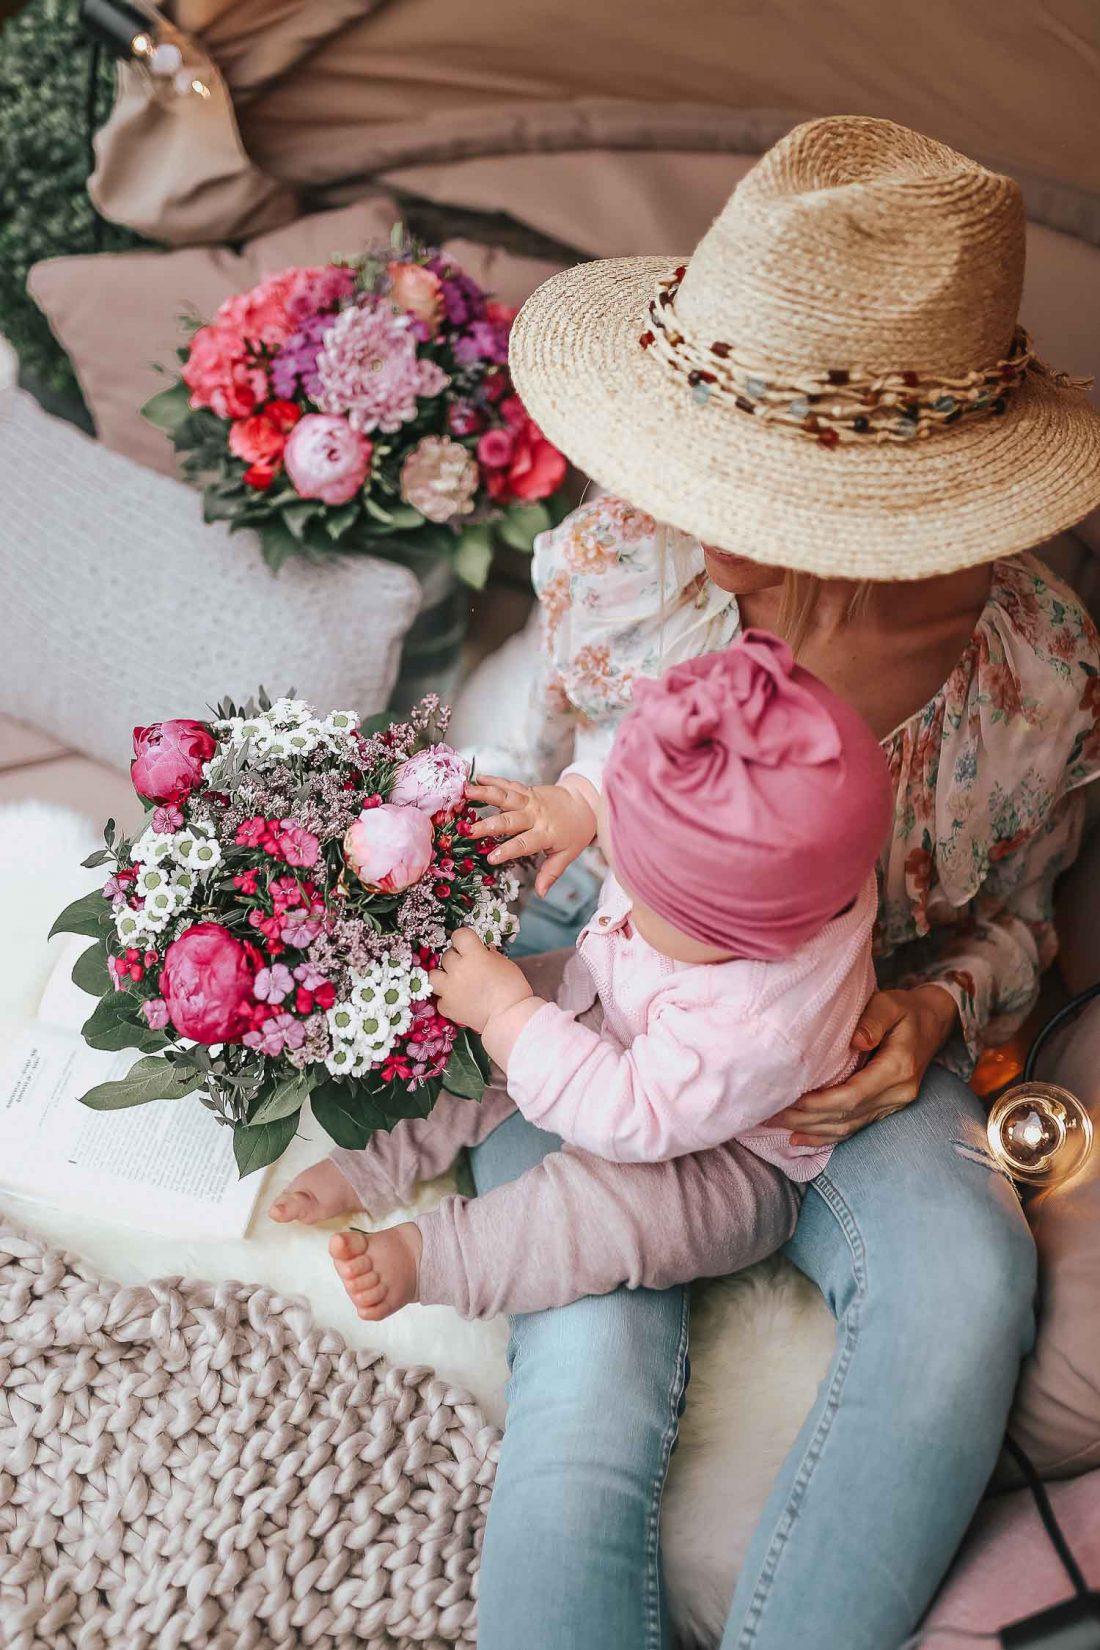 stylingliebe-lifestyleblogger-mamablog-fashionblog-muenchen-styleblog-blogger-deutschland-lifestyleblog-mamablogger-fashionblogger-modeblog-so-riecht-der-sommer-7-1100x1650